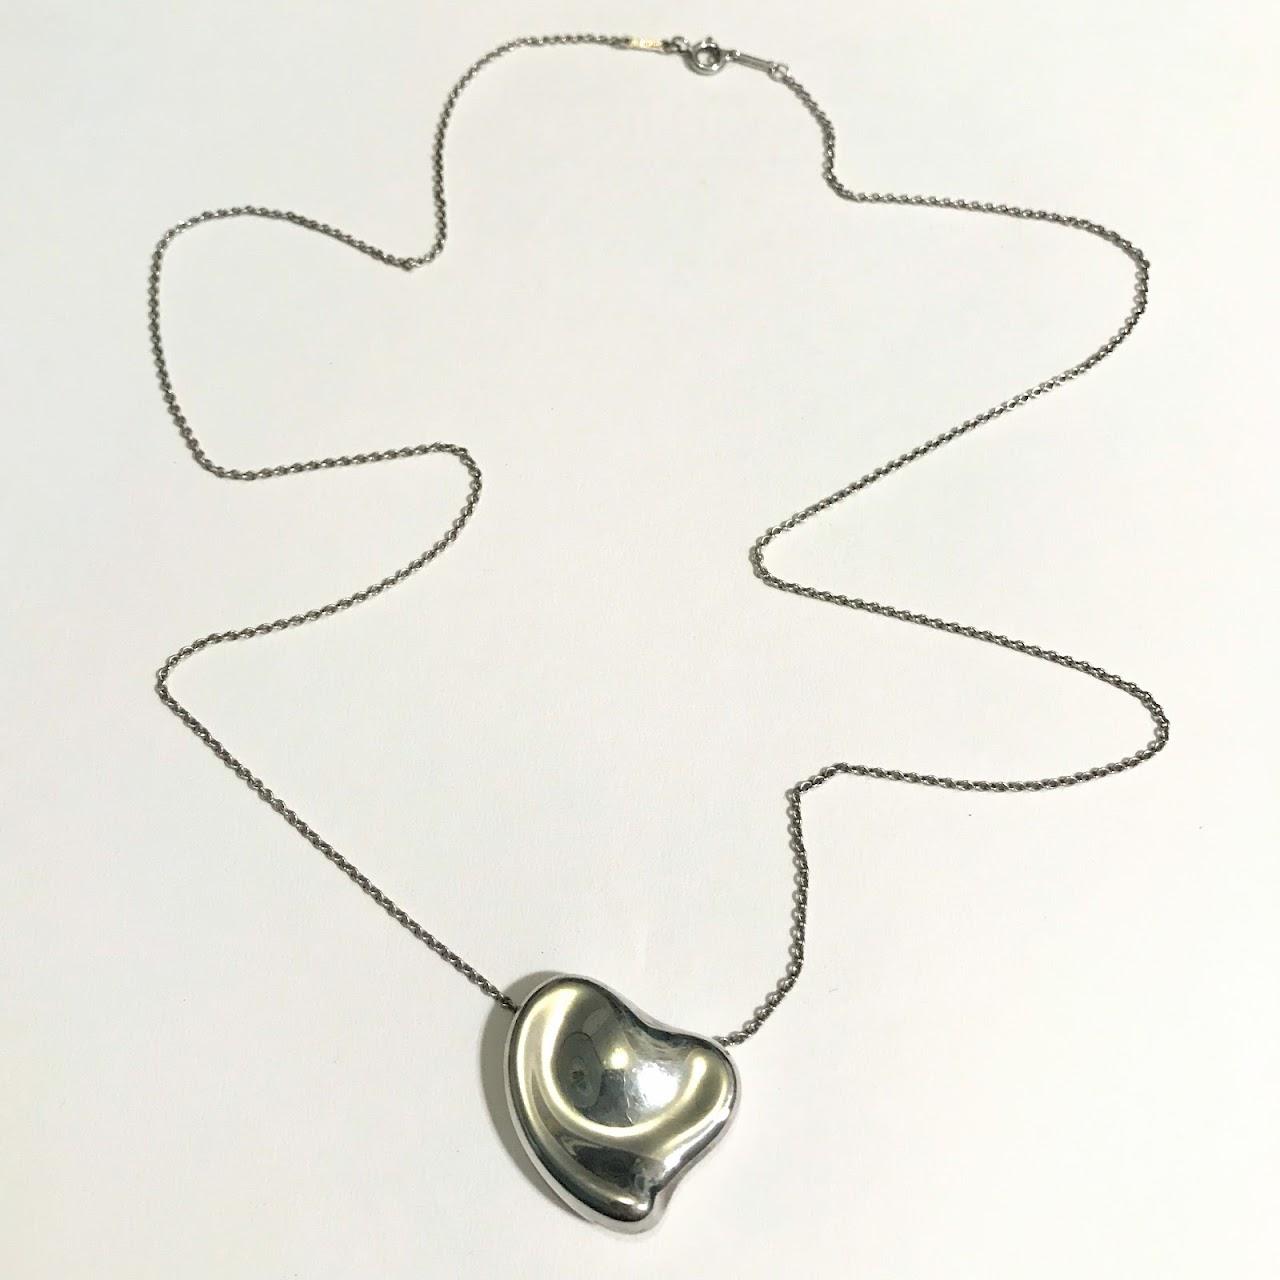 ac127bbc0 Tiffany & Co. X Elsa Peretti Sterling Silver Full Heart Pendant Necklace